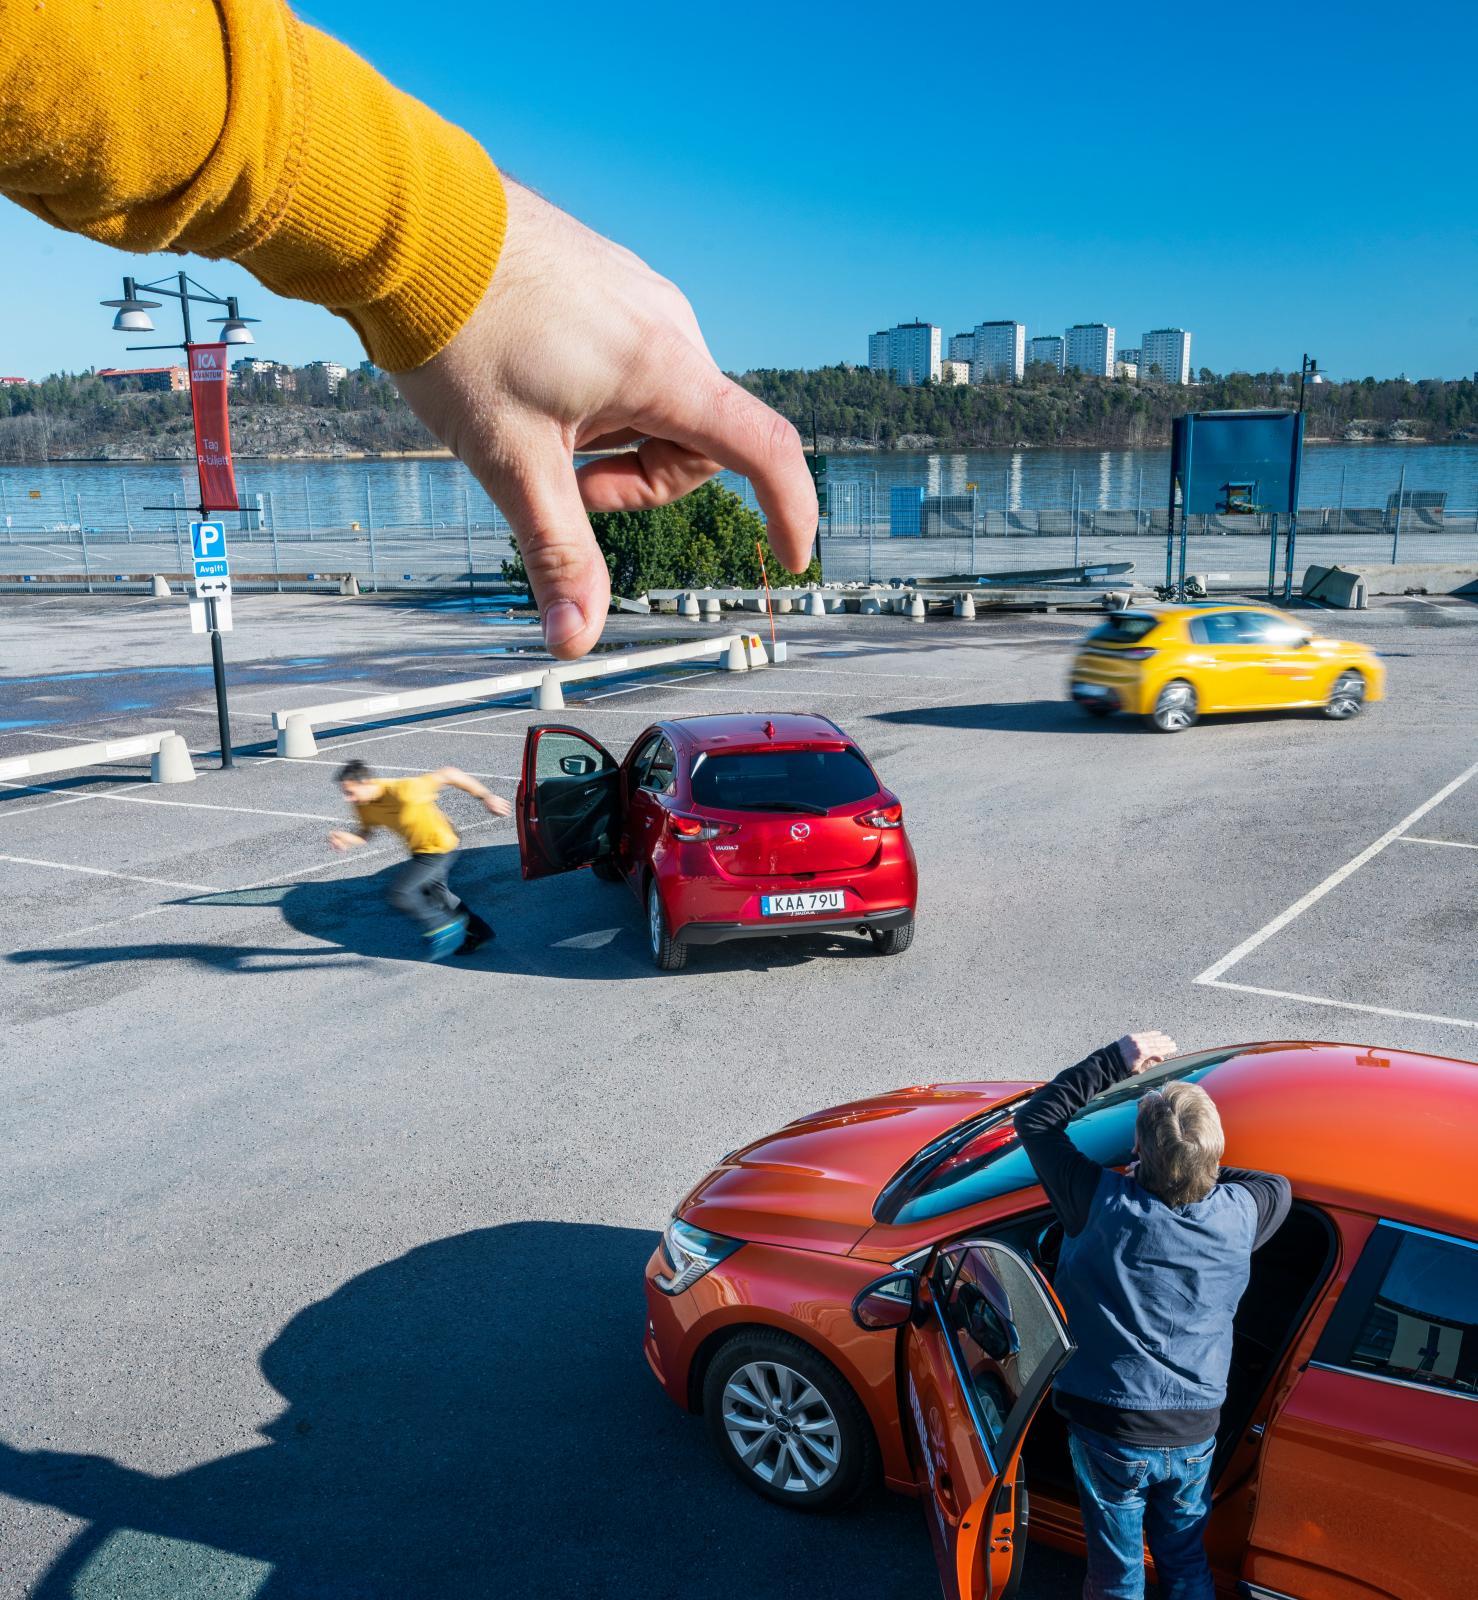 Clio och 208 med tre cylindrar och turbo eller Mazda med fyra och utan? Vilken smakar bäst?